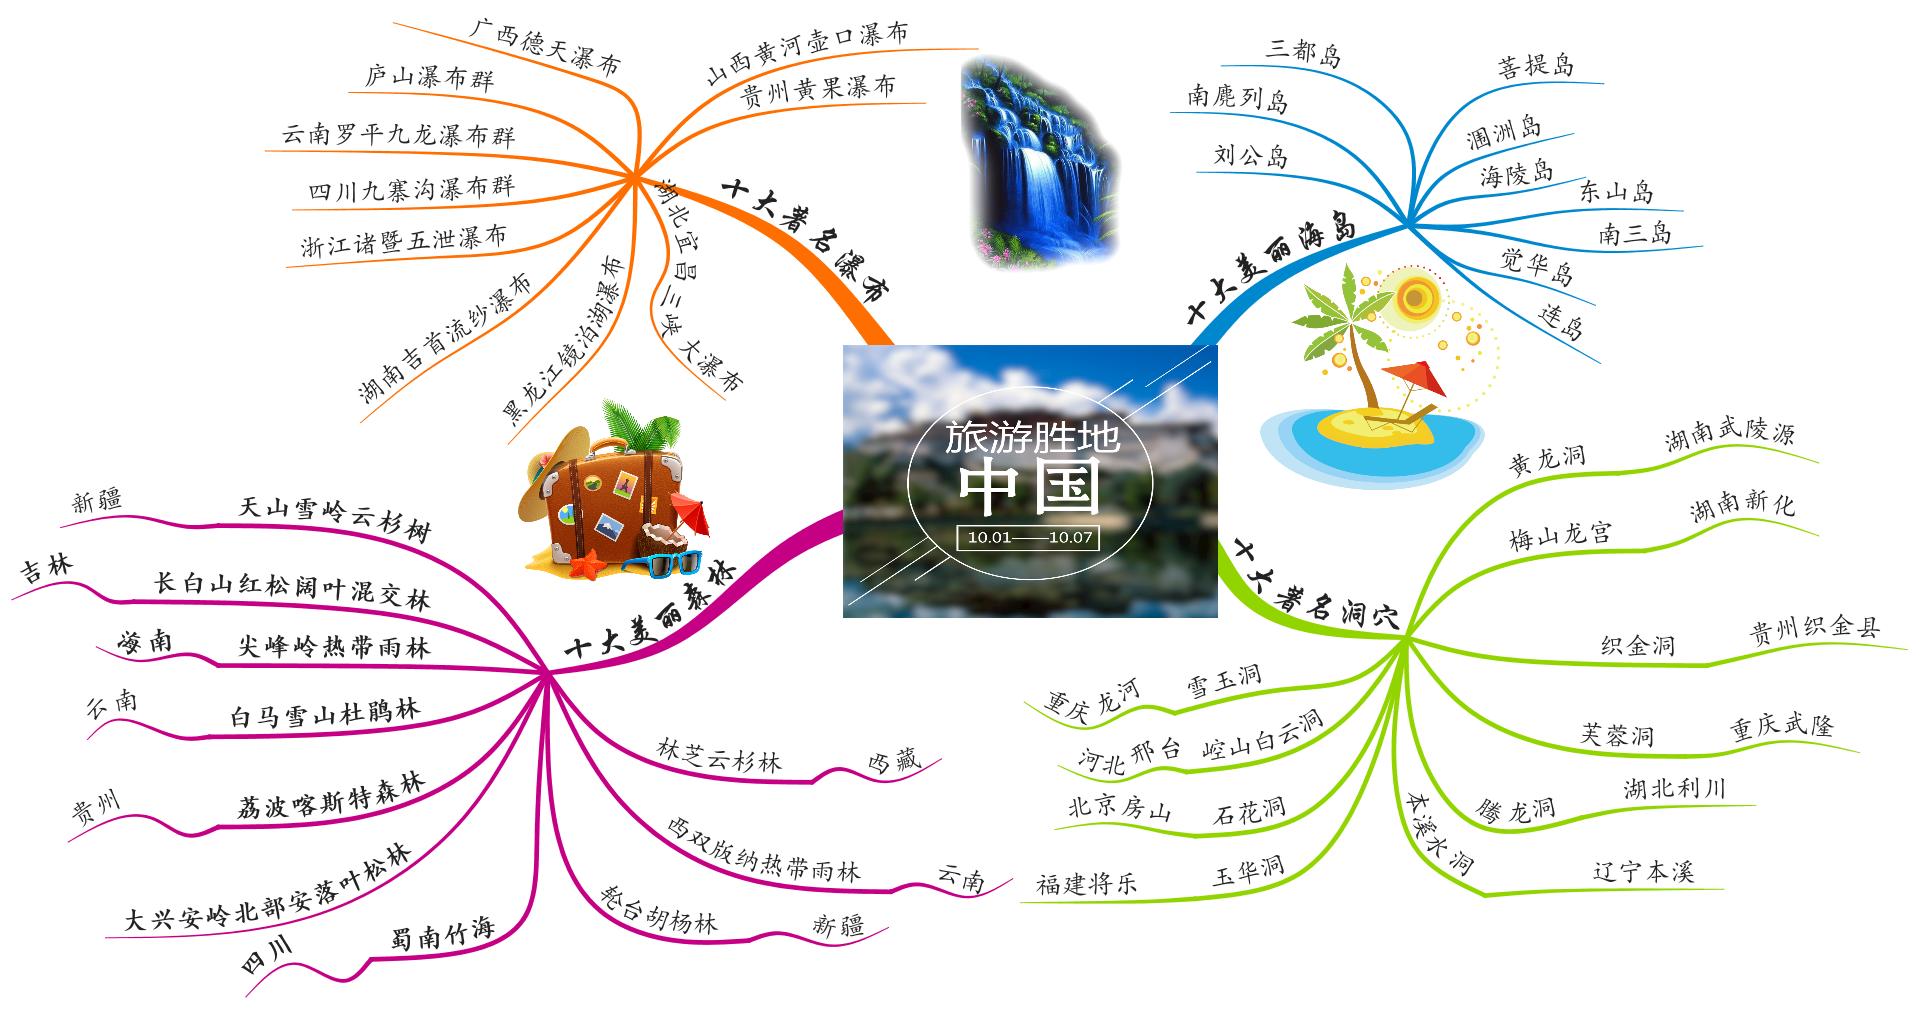 旅游景点思维导图1